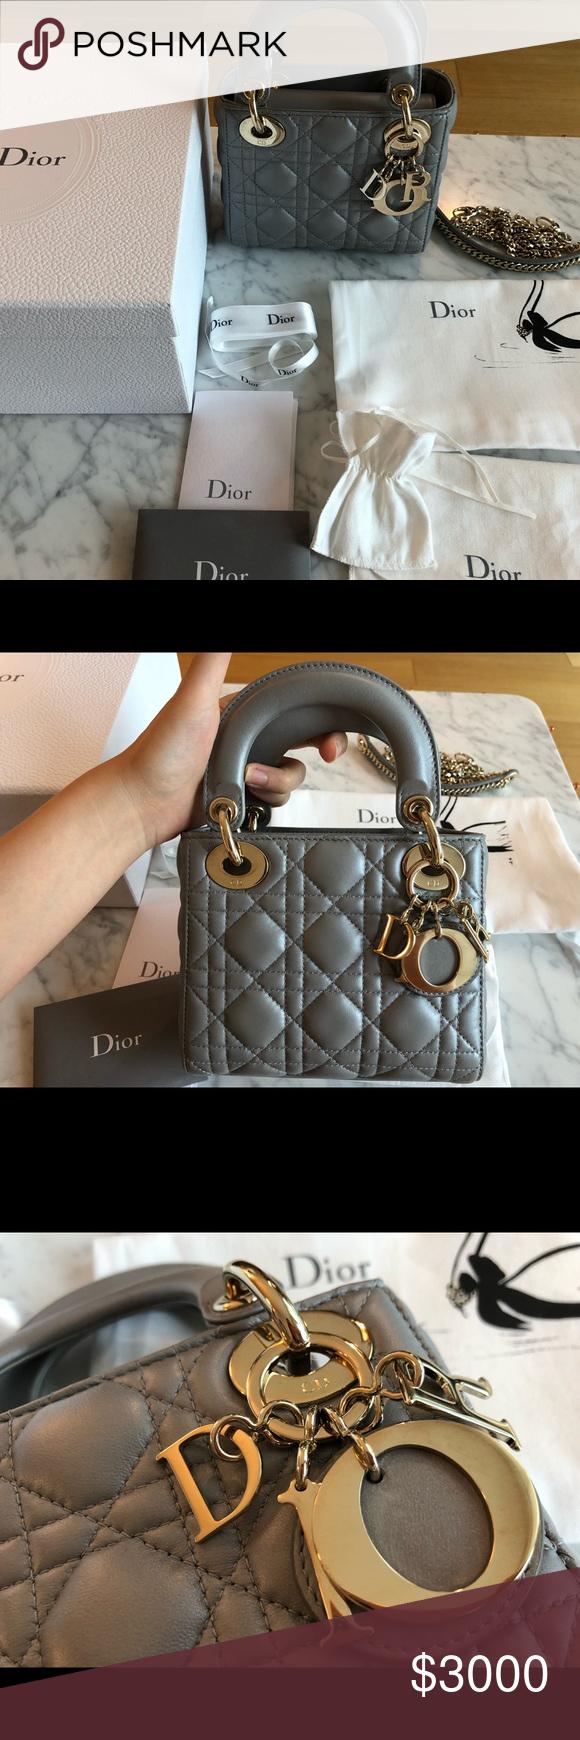 c7f71b228b23 Dior Lady Bag Mini